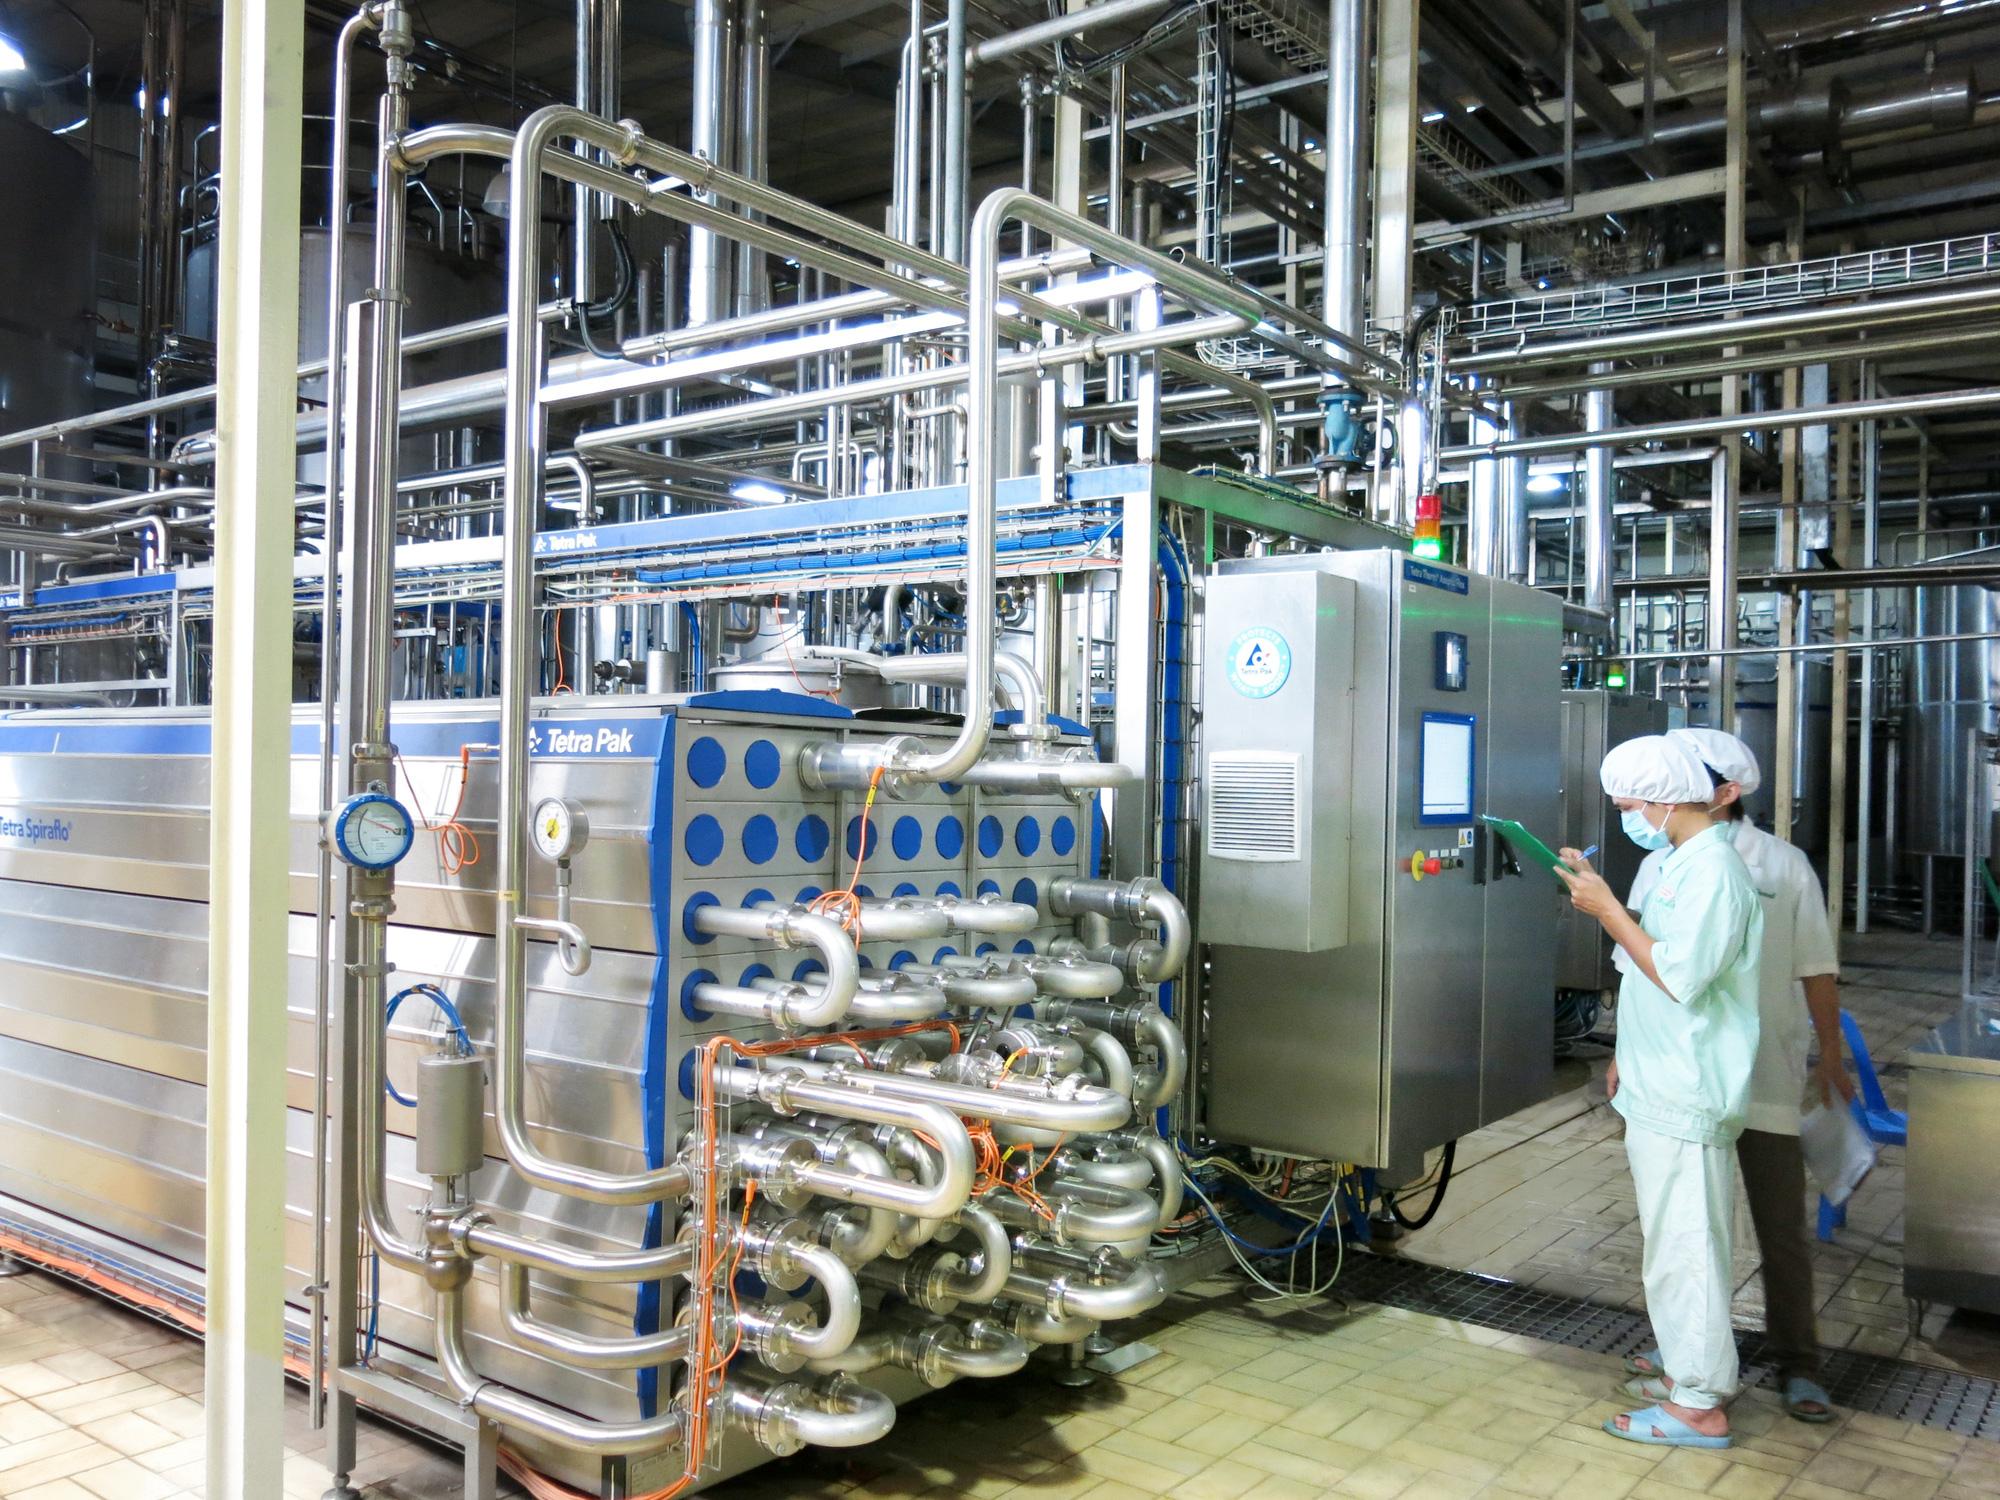 NutiFood xanh hóa nhà máy, phát triển bền vững - Ảnh 2.